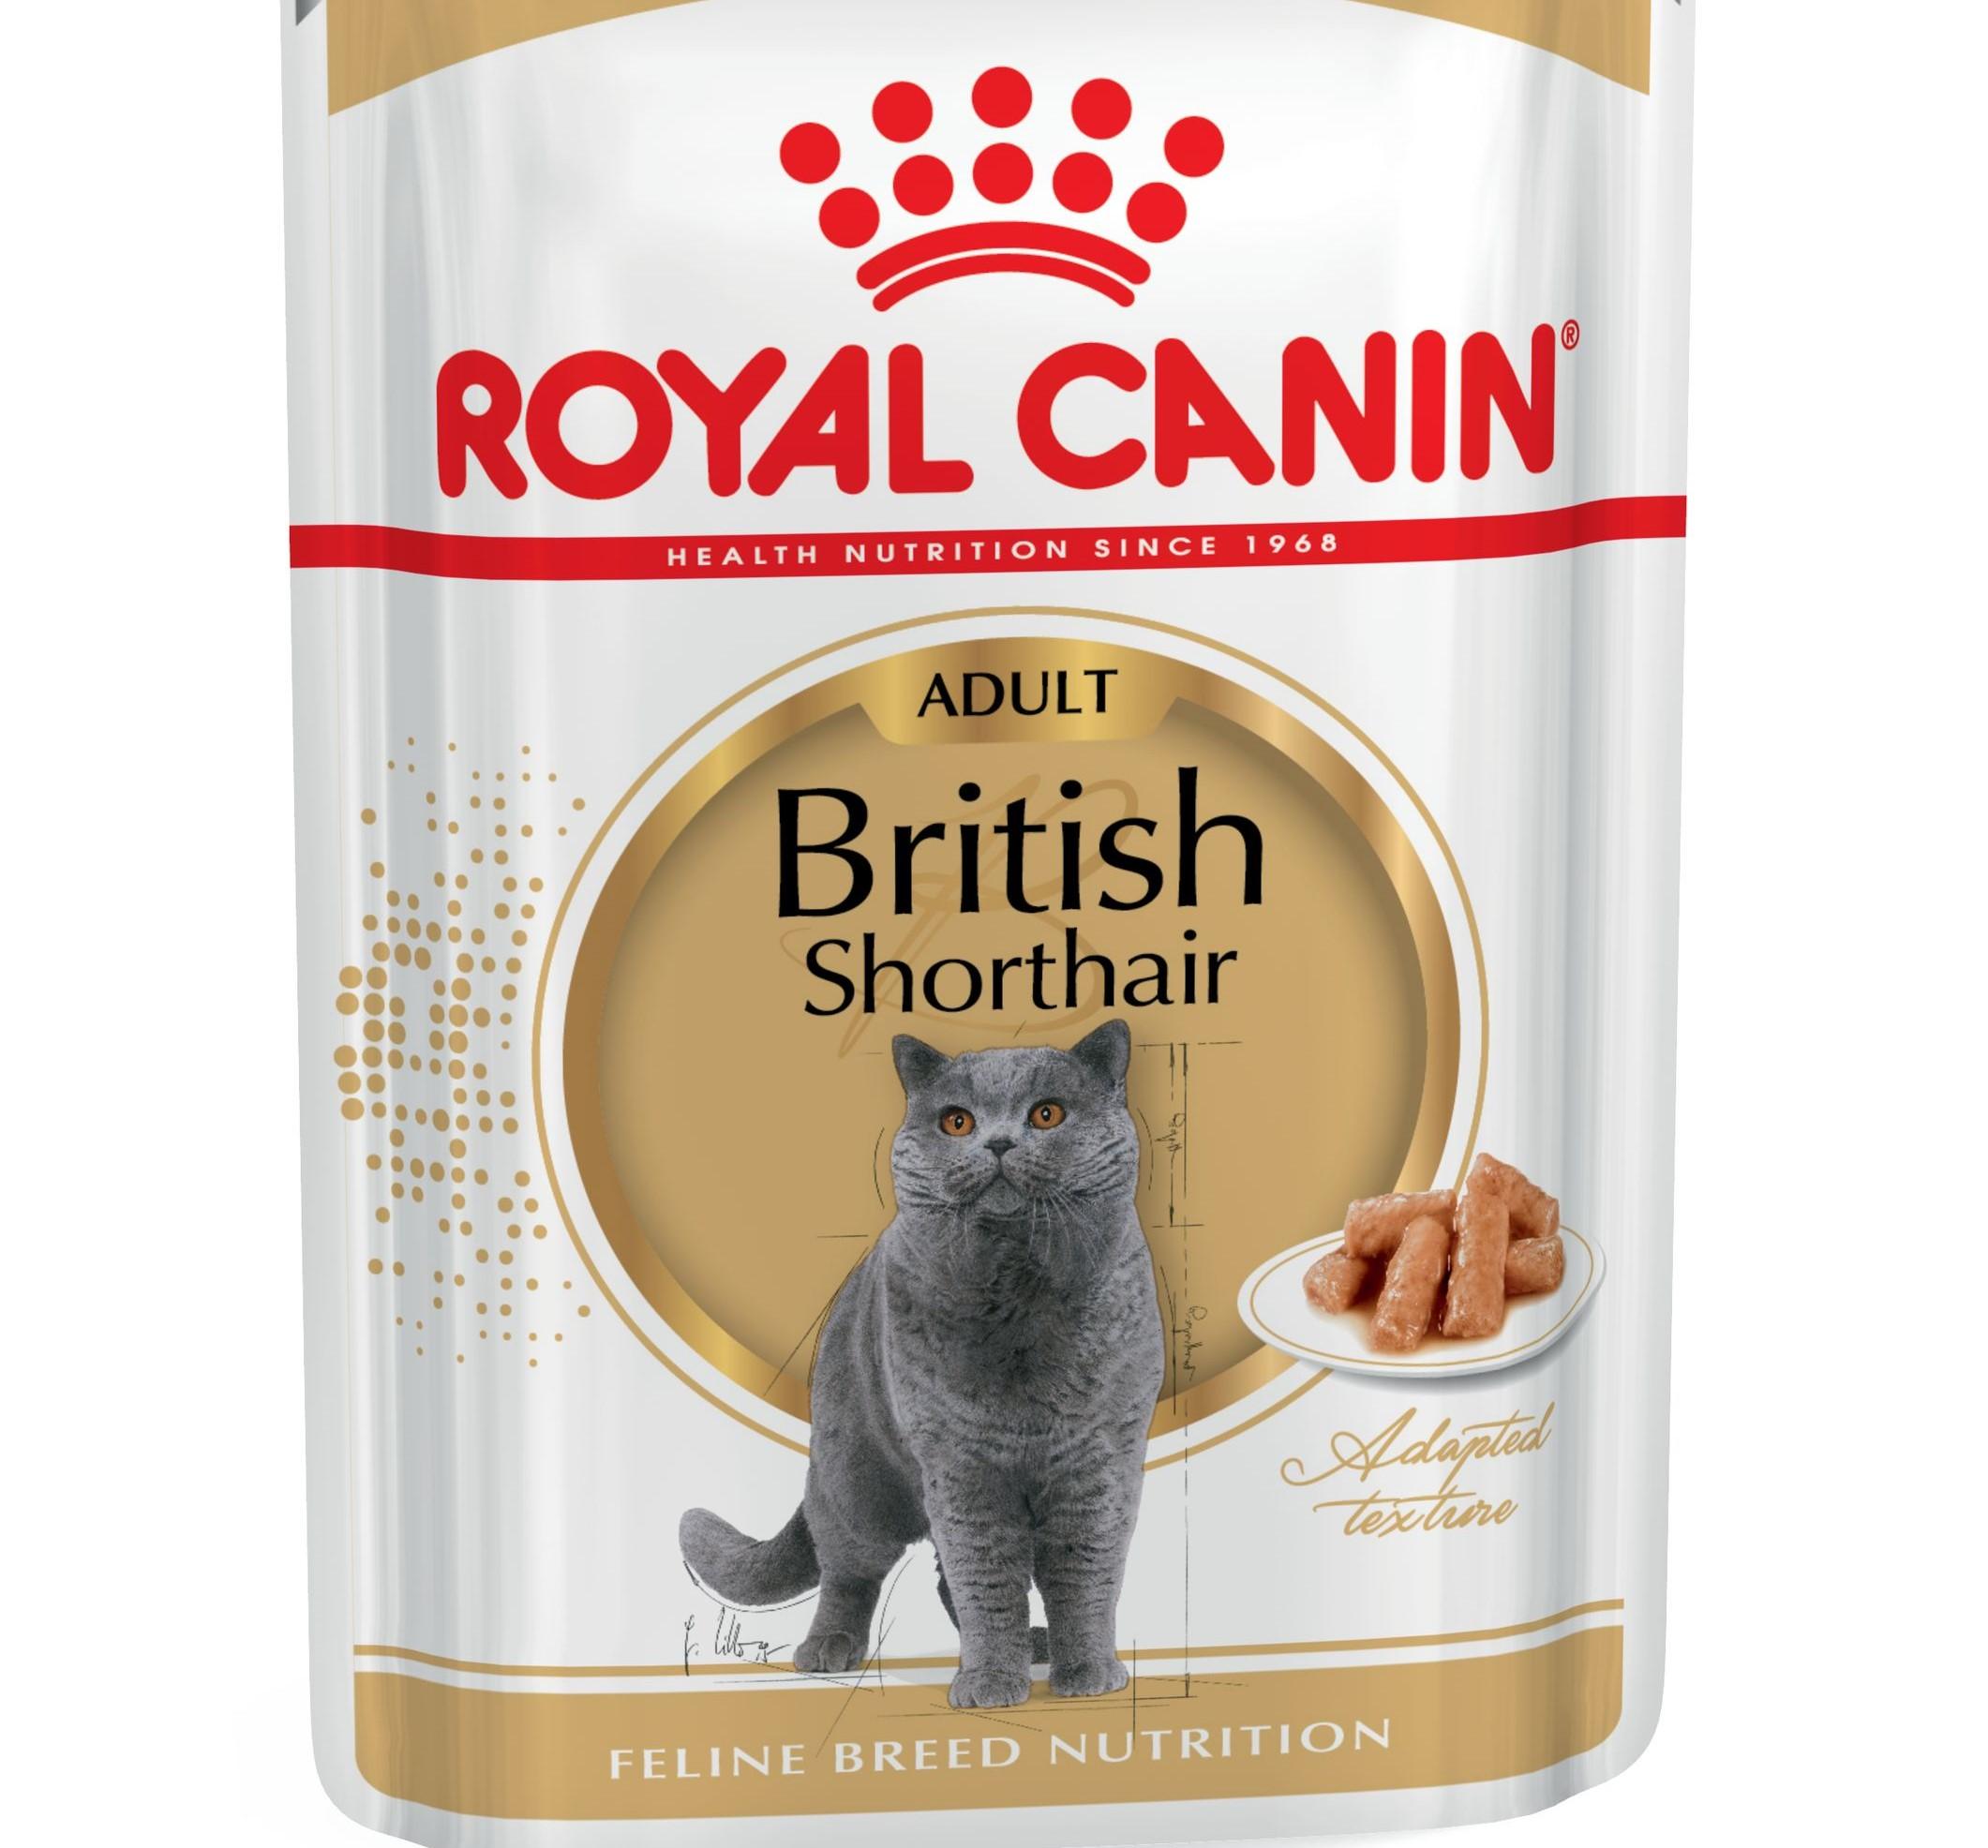 Makanan Untuk Anak Kucing British 25 Gambar Bolehkah Mereka Memberi Makanan Kering Semak Semula Suapan Premium Terbaik Dan Pilihan Lain